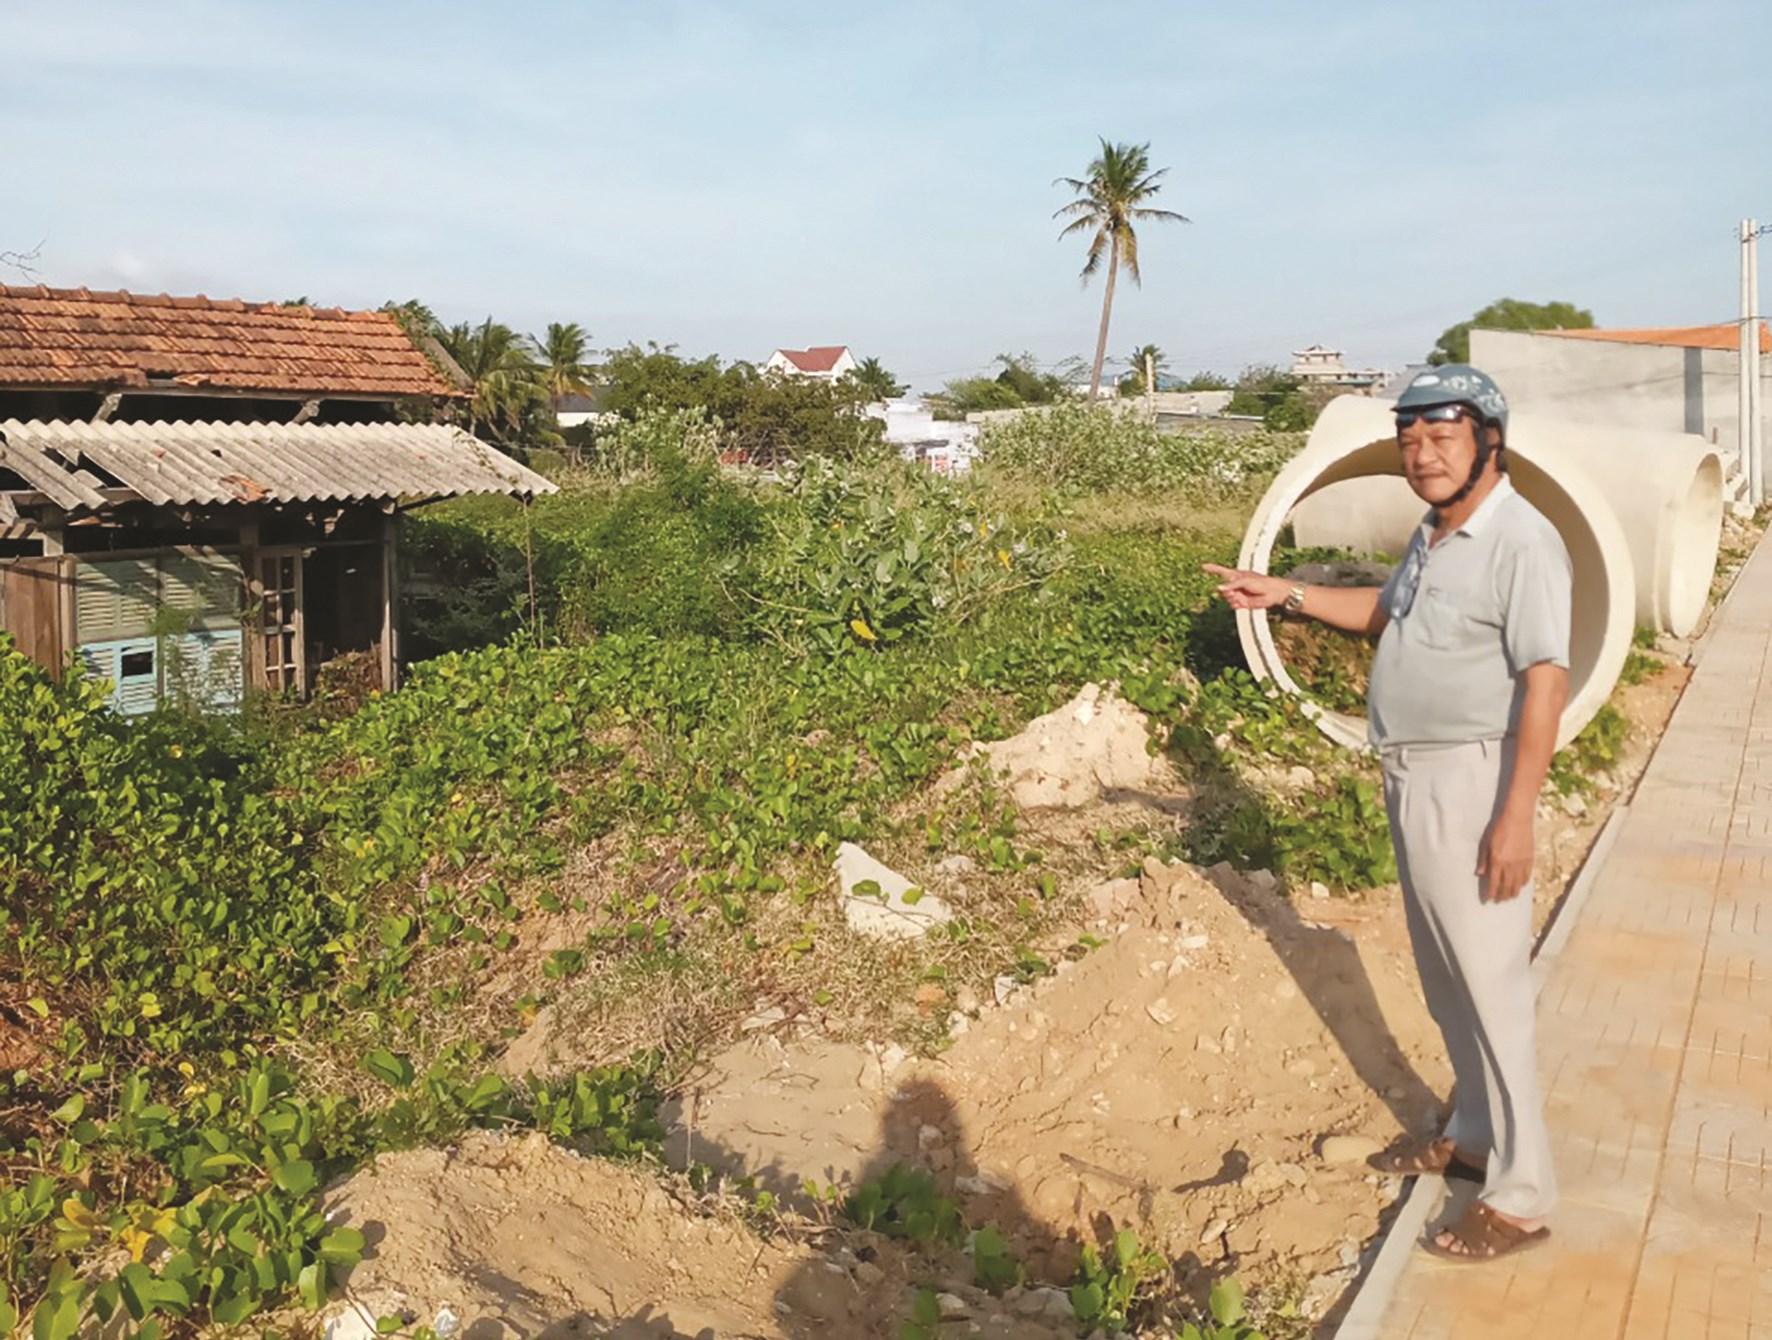 Ông Nguyễn Trung, một hộ dân bị thu hồi đất đang gửi đơn tố cáo đến cơ quan chức năng